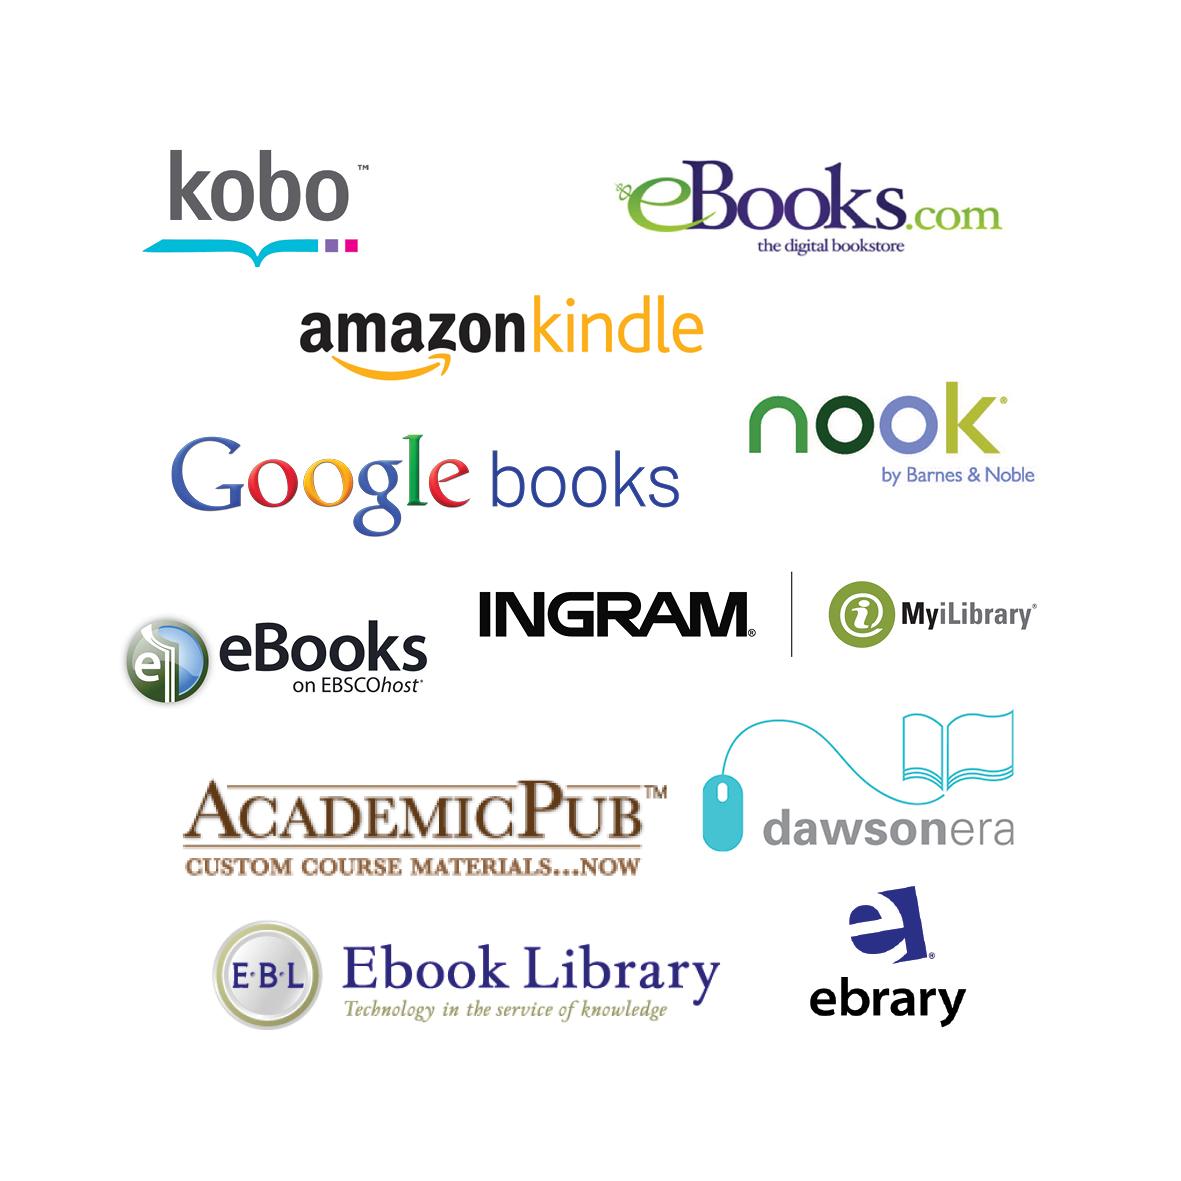 Amazon Kindle Logo Png Including amazon kindle Amazon Kindle Logo Png